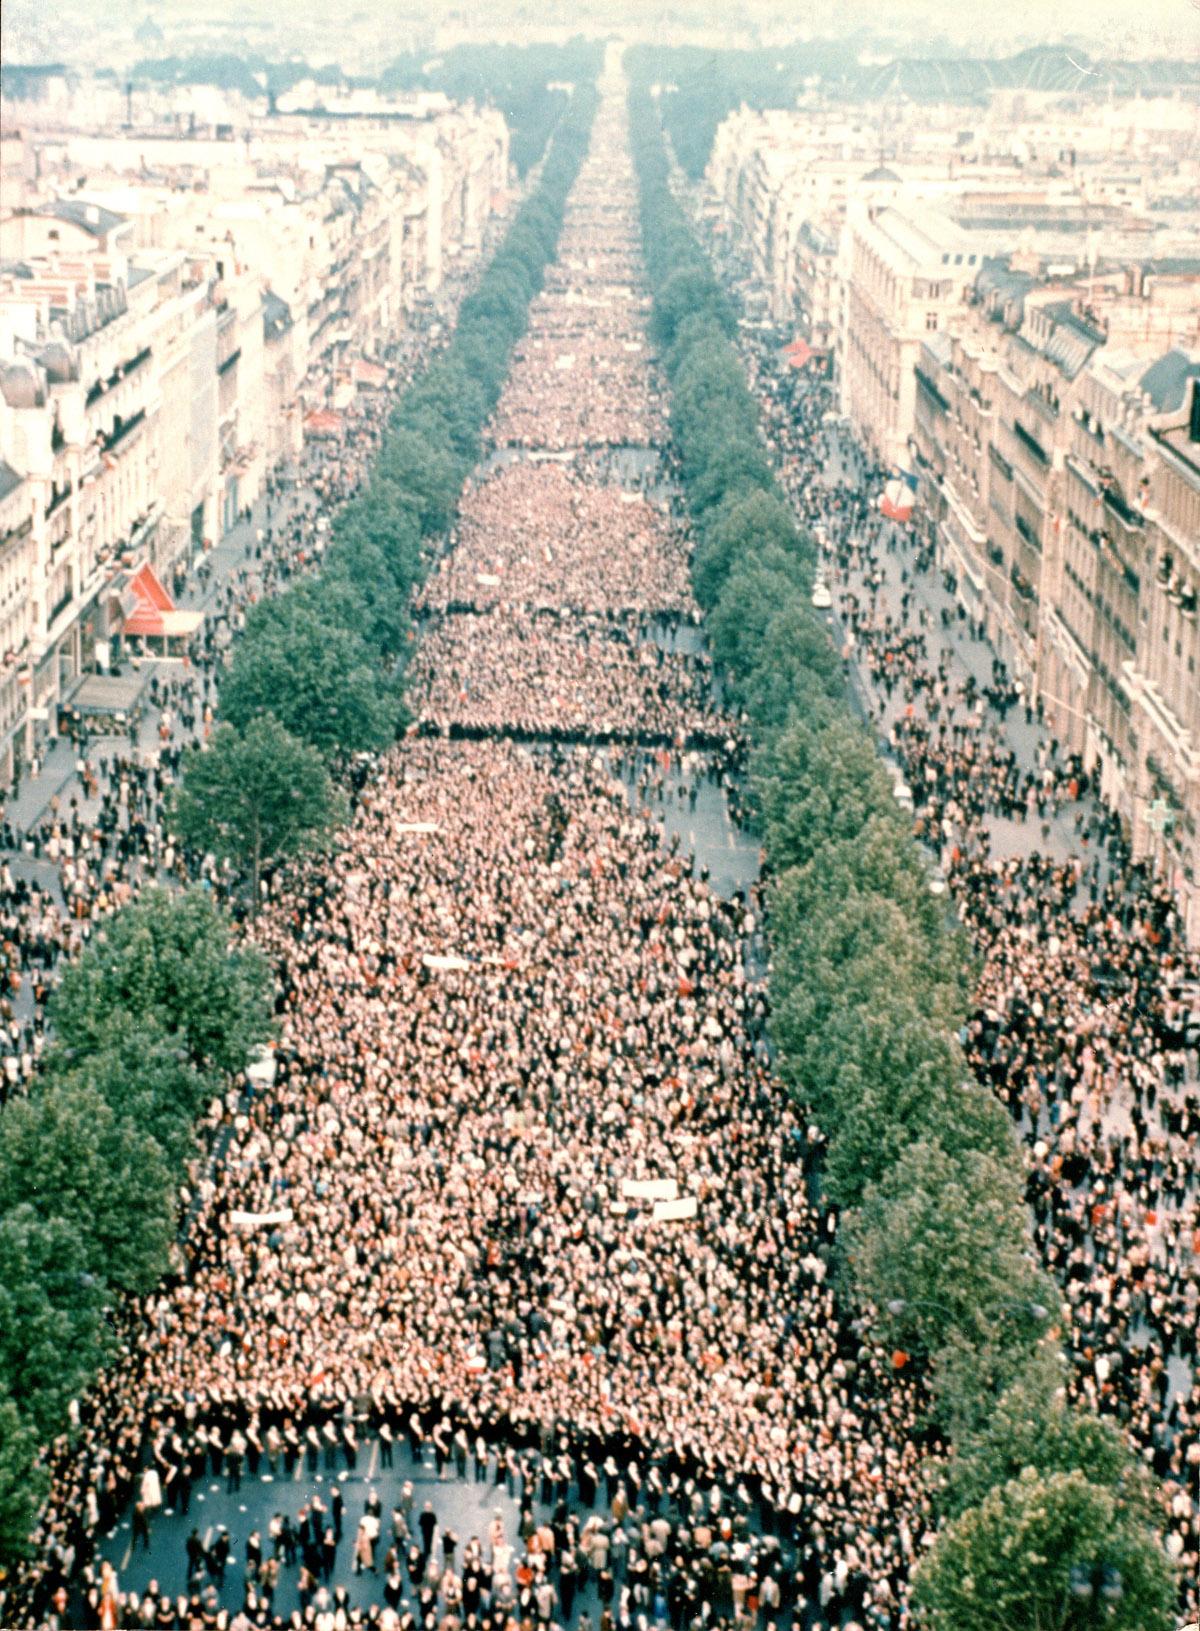 Manifestation de soutien au général de Gaulle, 30 mai 1968